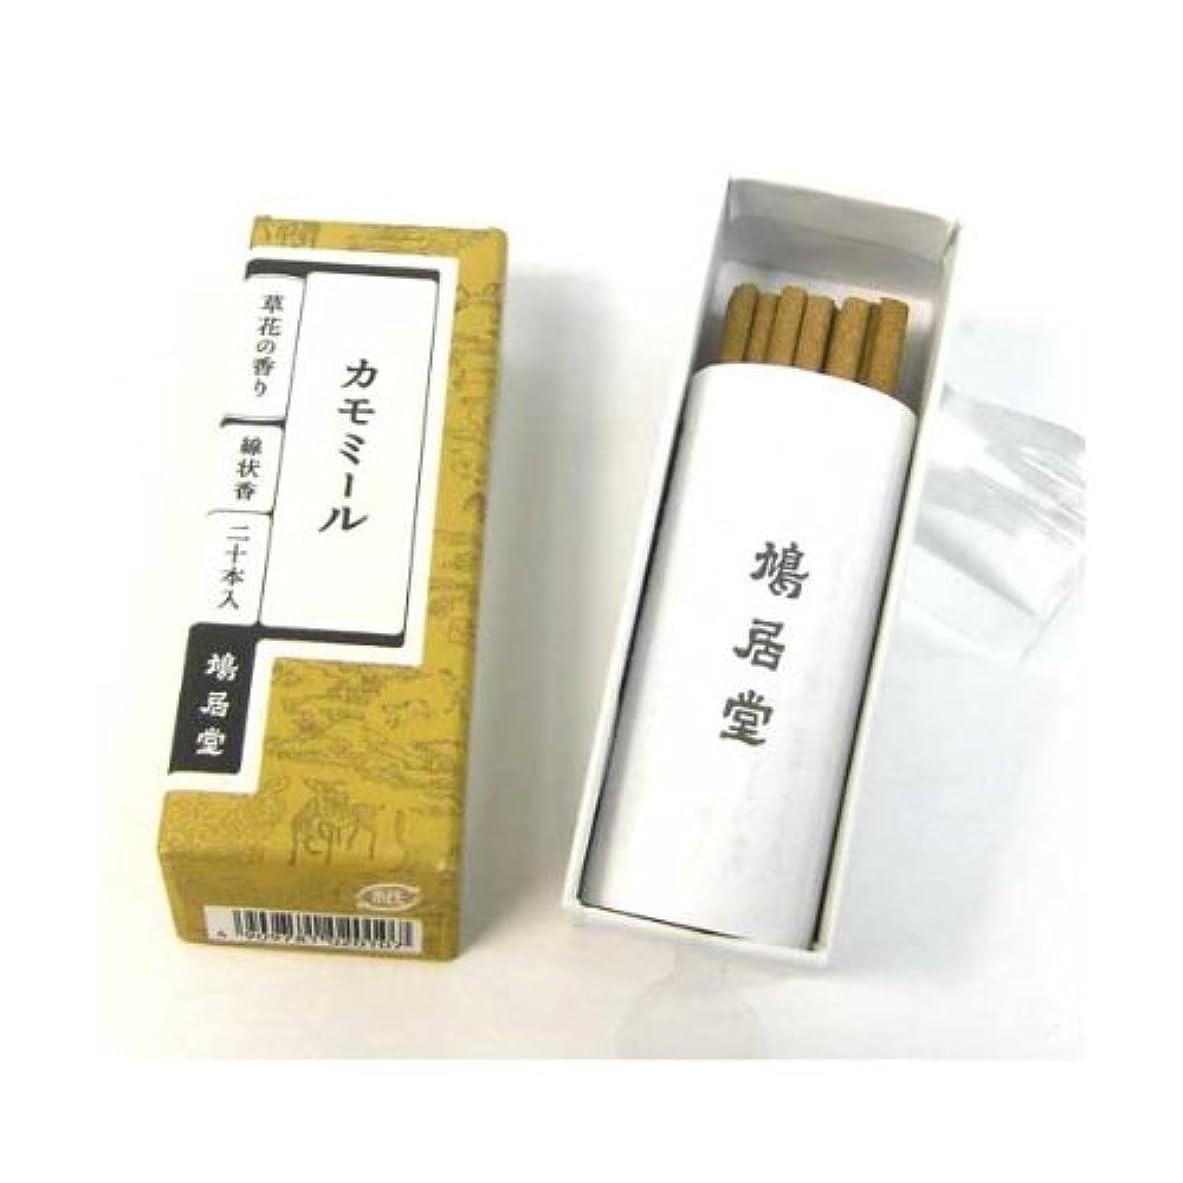 あいにく接ぎ木包帯鳩居堂 お香 カモミール 草花の香りシリーズ スティックタイプ(棒状香)20本いり